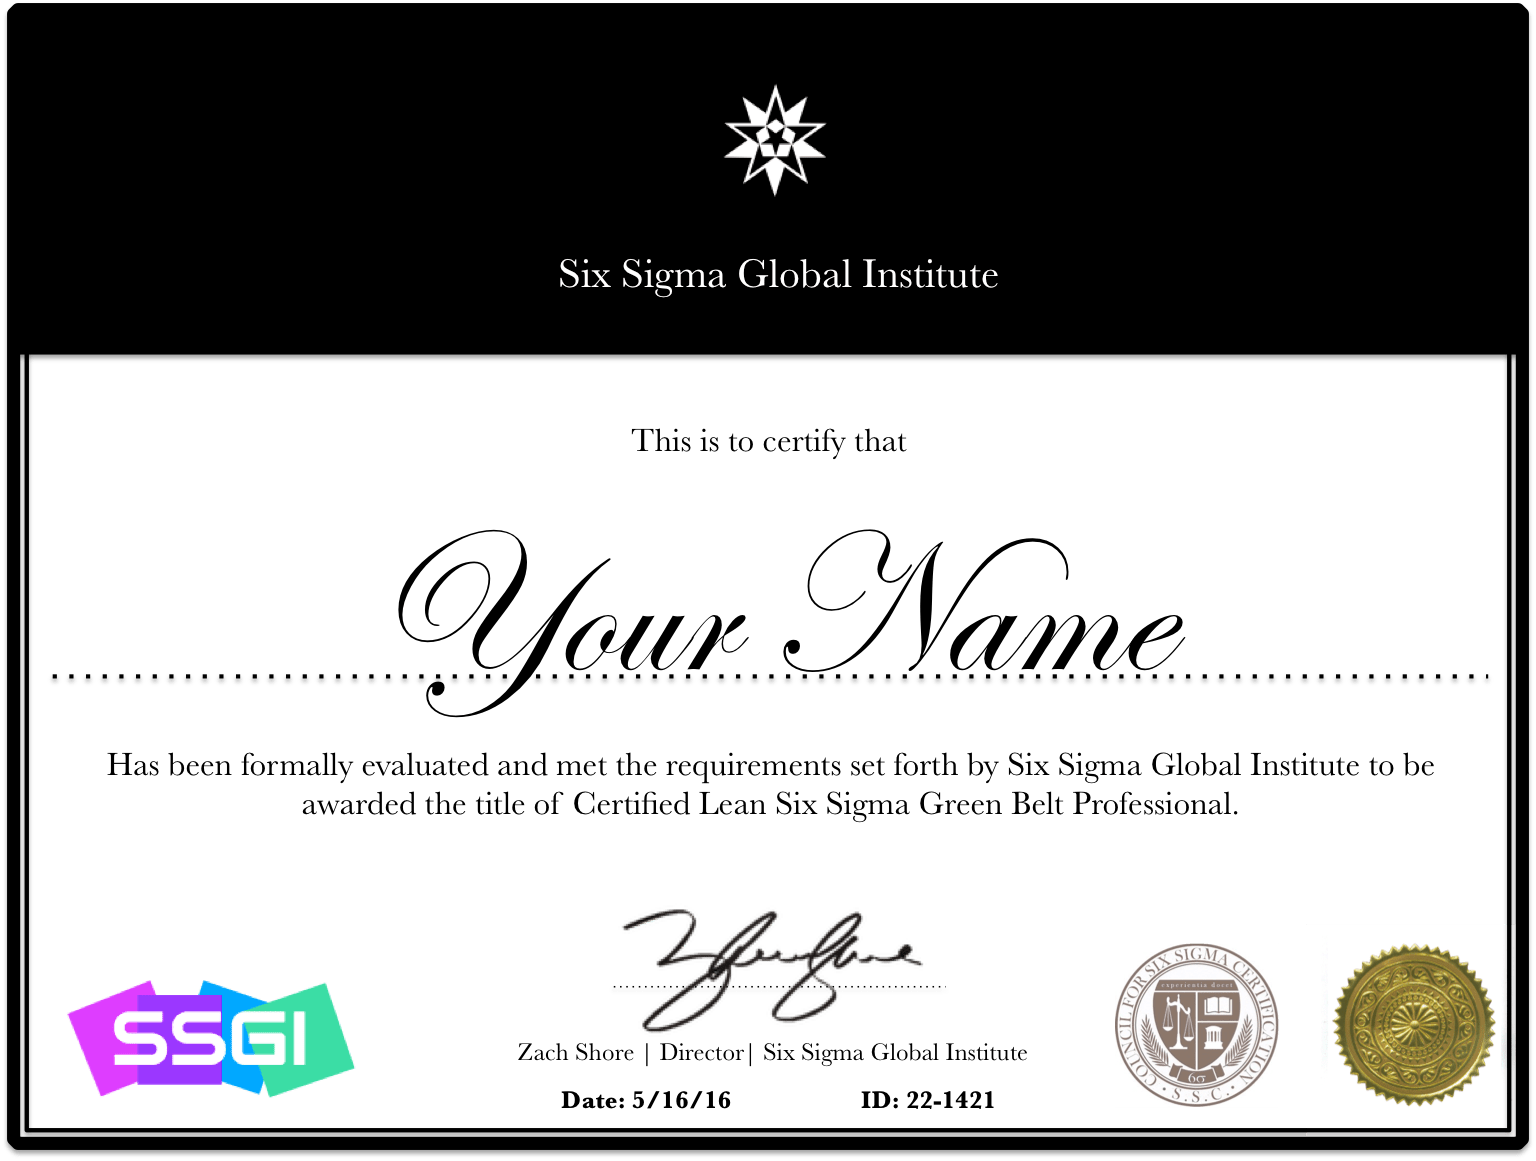 Lean six sigma green belt certification online ssgi green belt certification xflitez Image collections